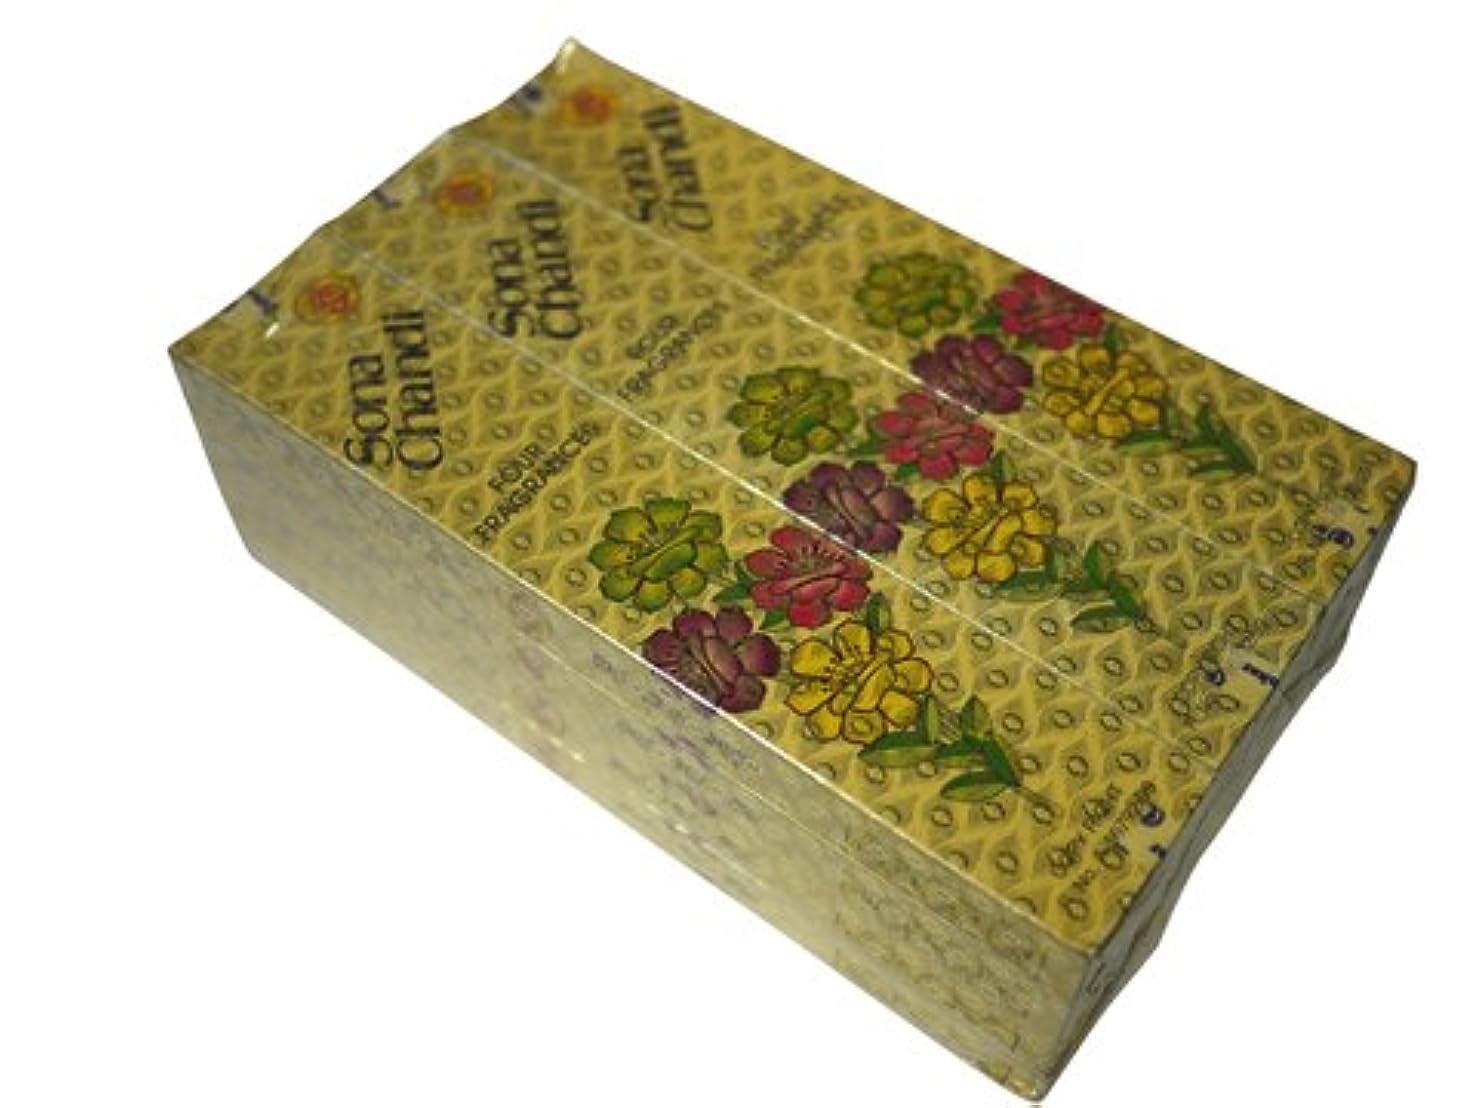 キー精巧な教えるSHANKAR'S(シャンカーズ) ソナチャンディ香 スティック SONA CHANDI 12箱セット